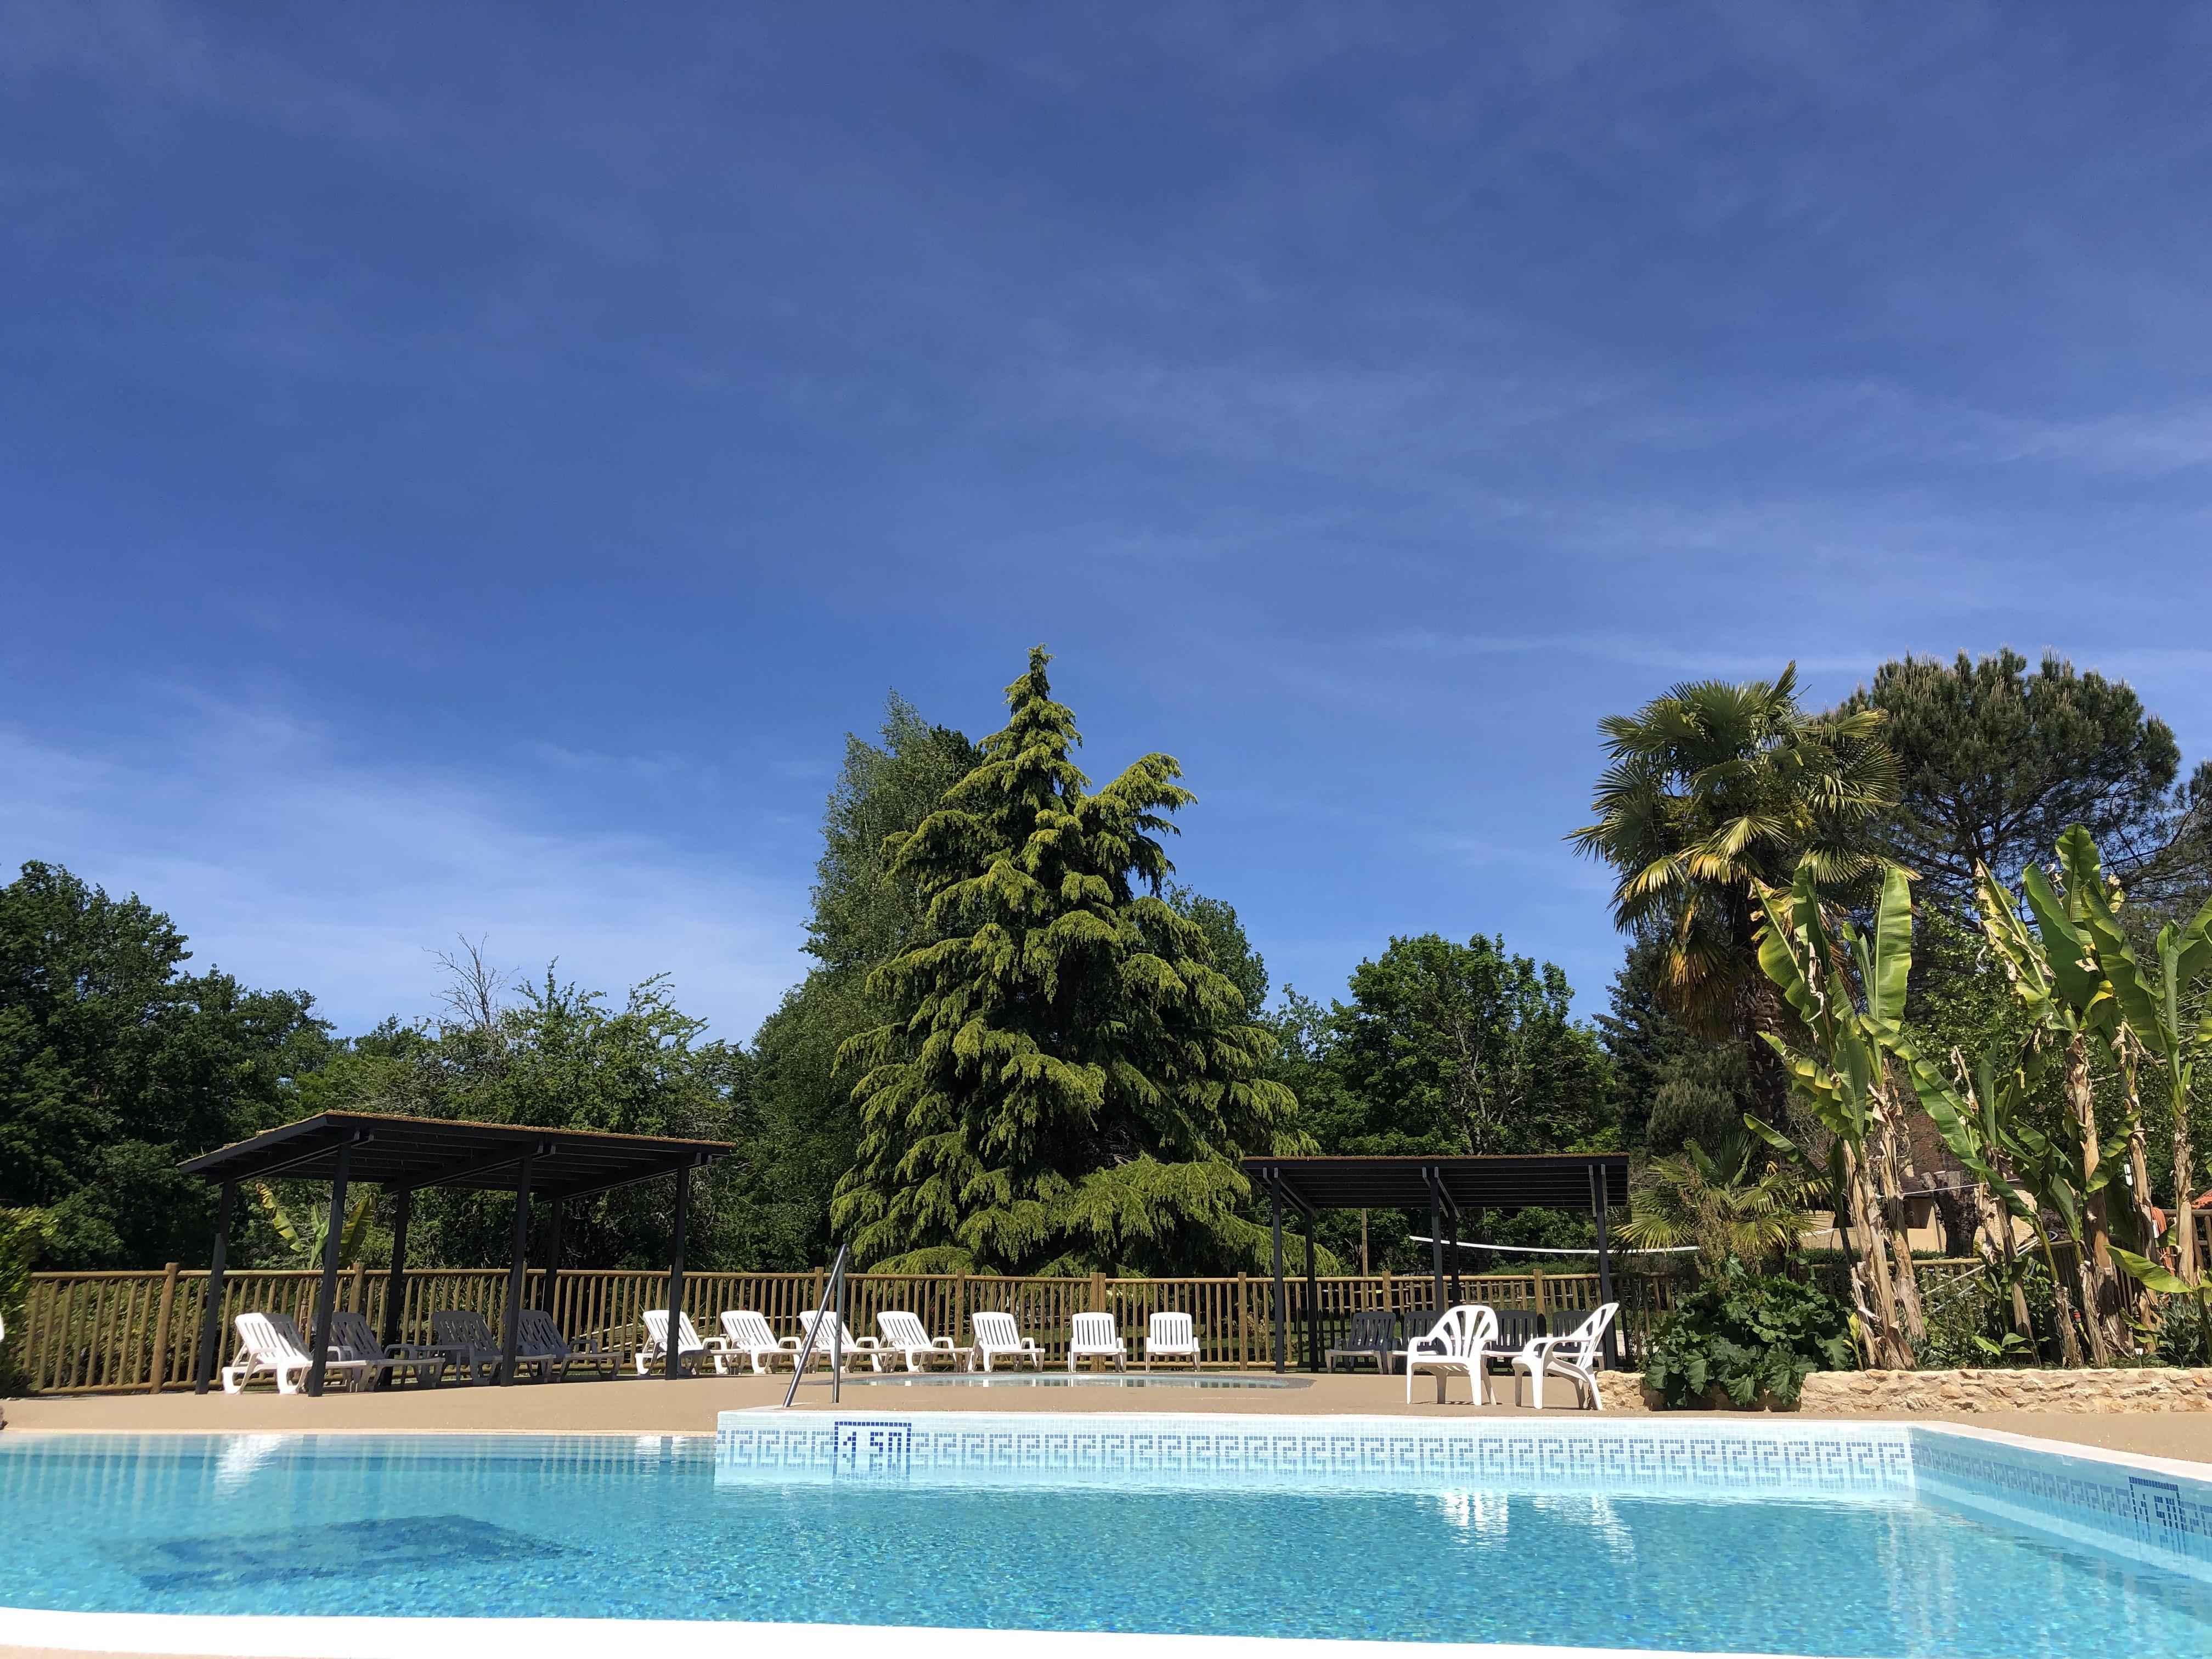 Camping Port de Limeuil, Alles-sur-Dordogne, Dordogne